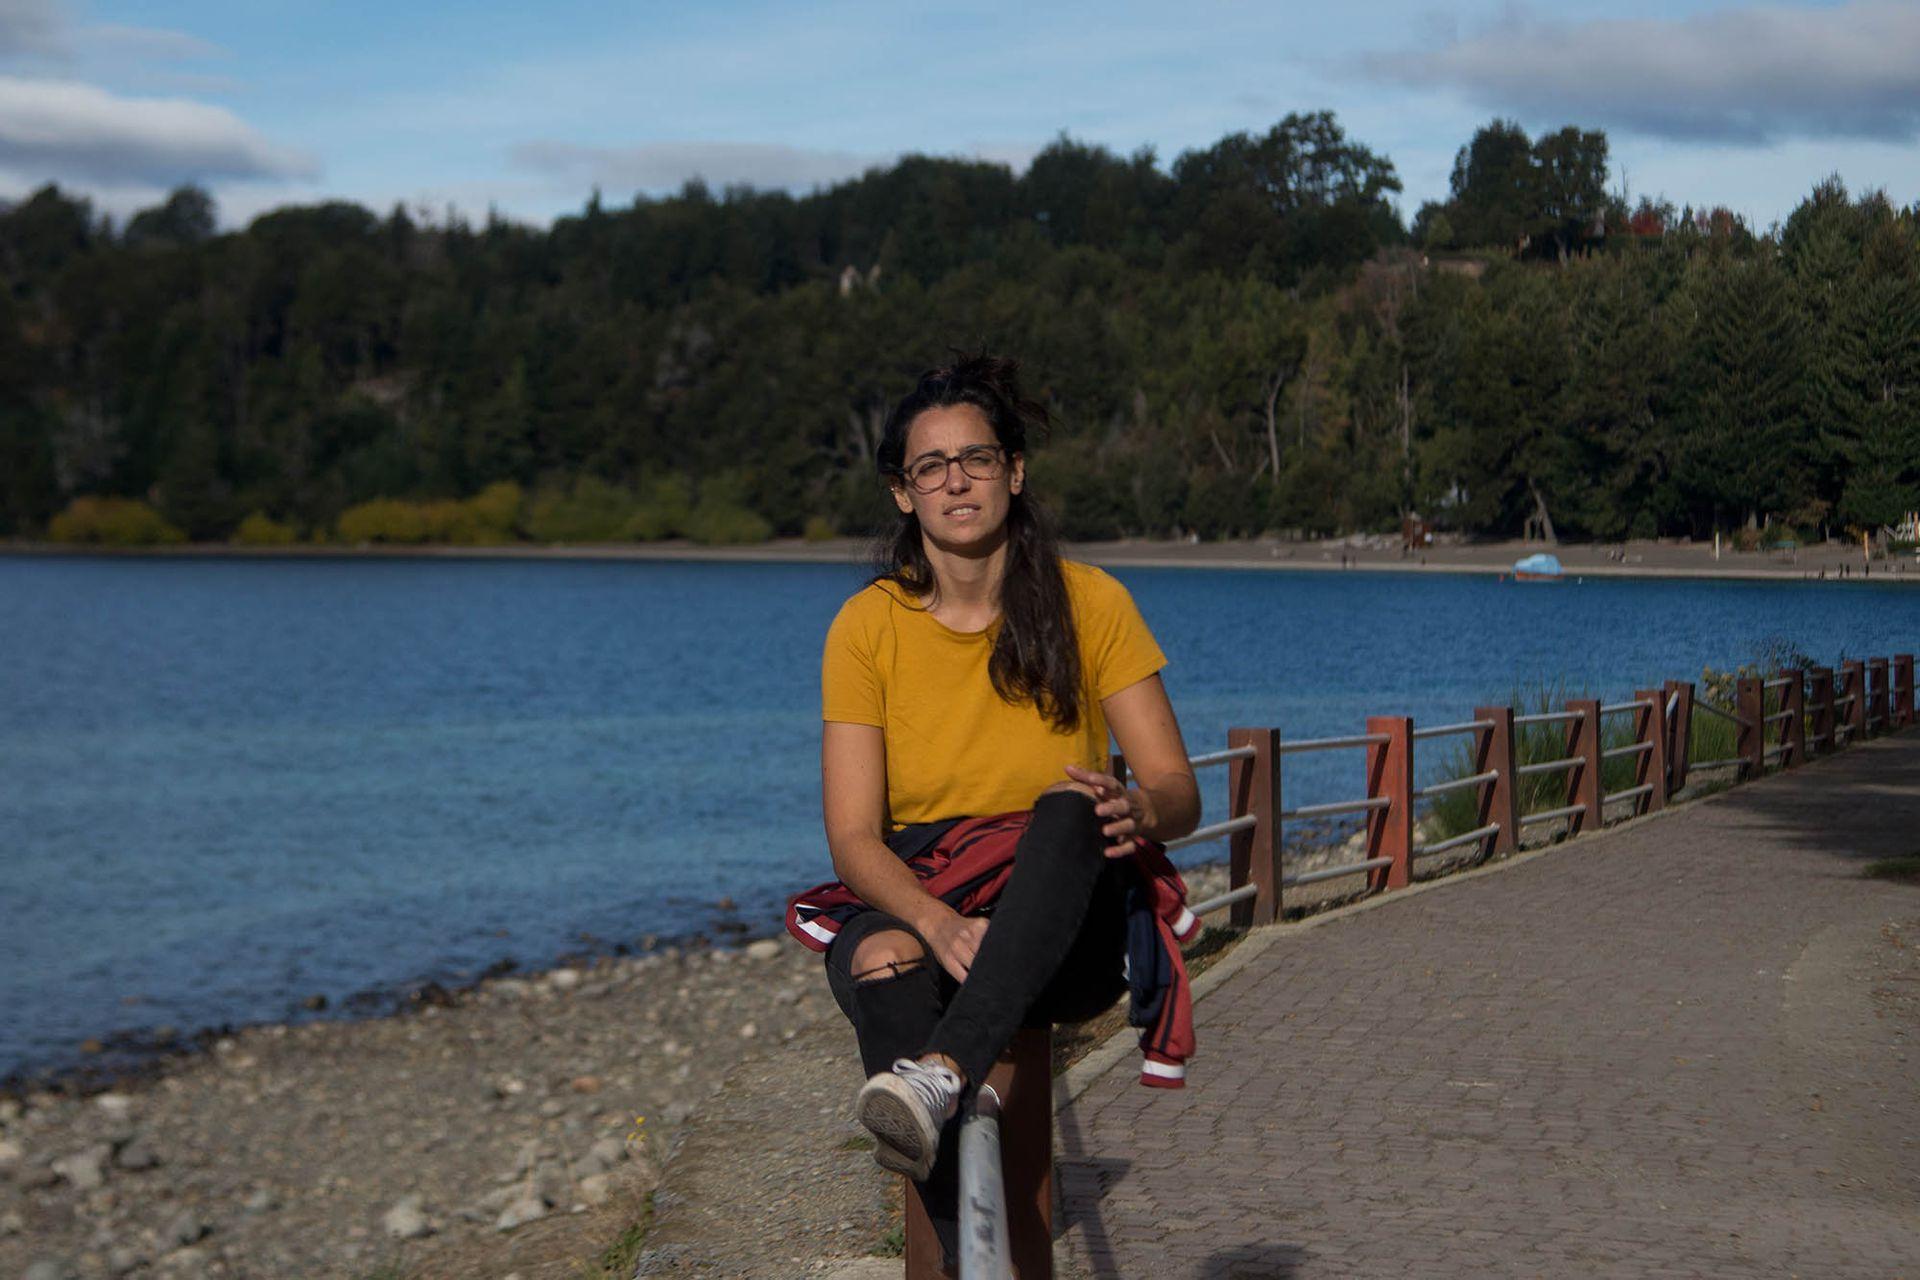 Por la experiencia del año pasado, cuando estuvo muchos meses sin poder hacer actividades por las restricciones, Paula López se mudó temporariamente a Villa La Angostura